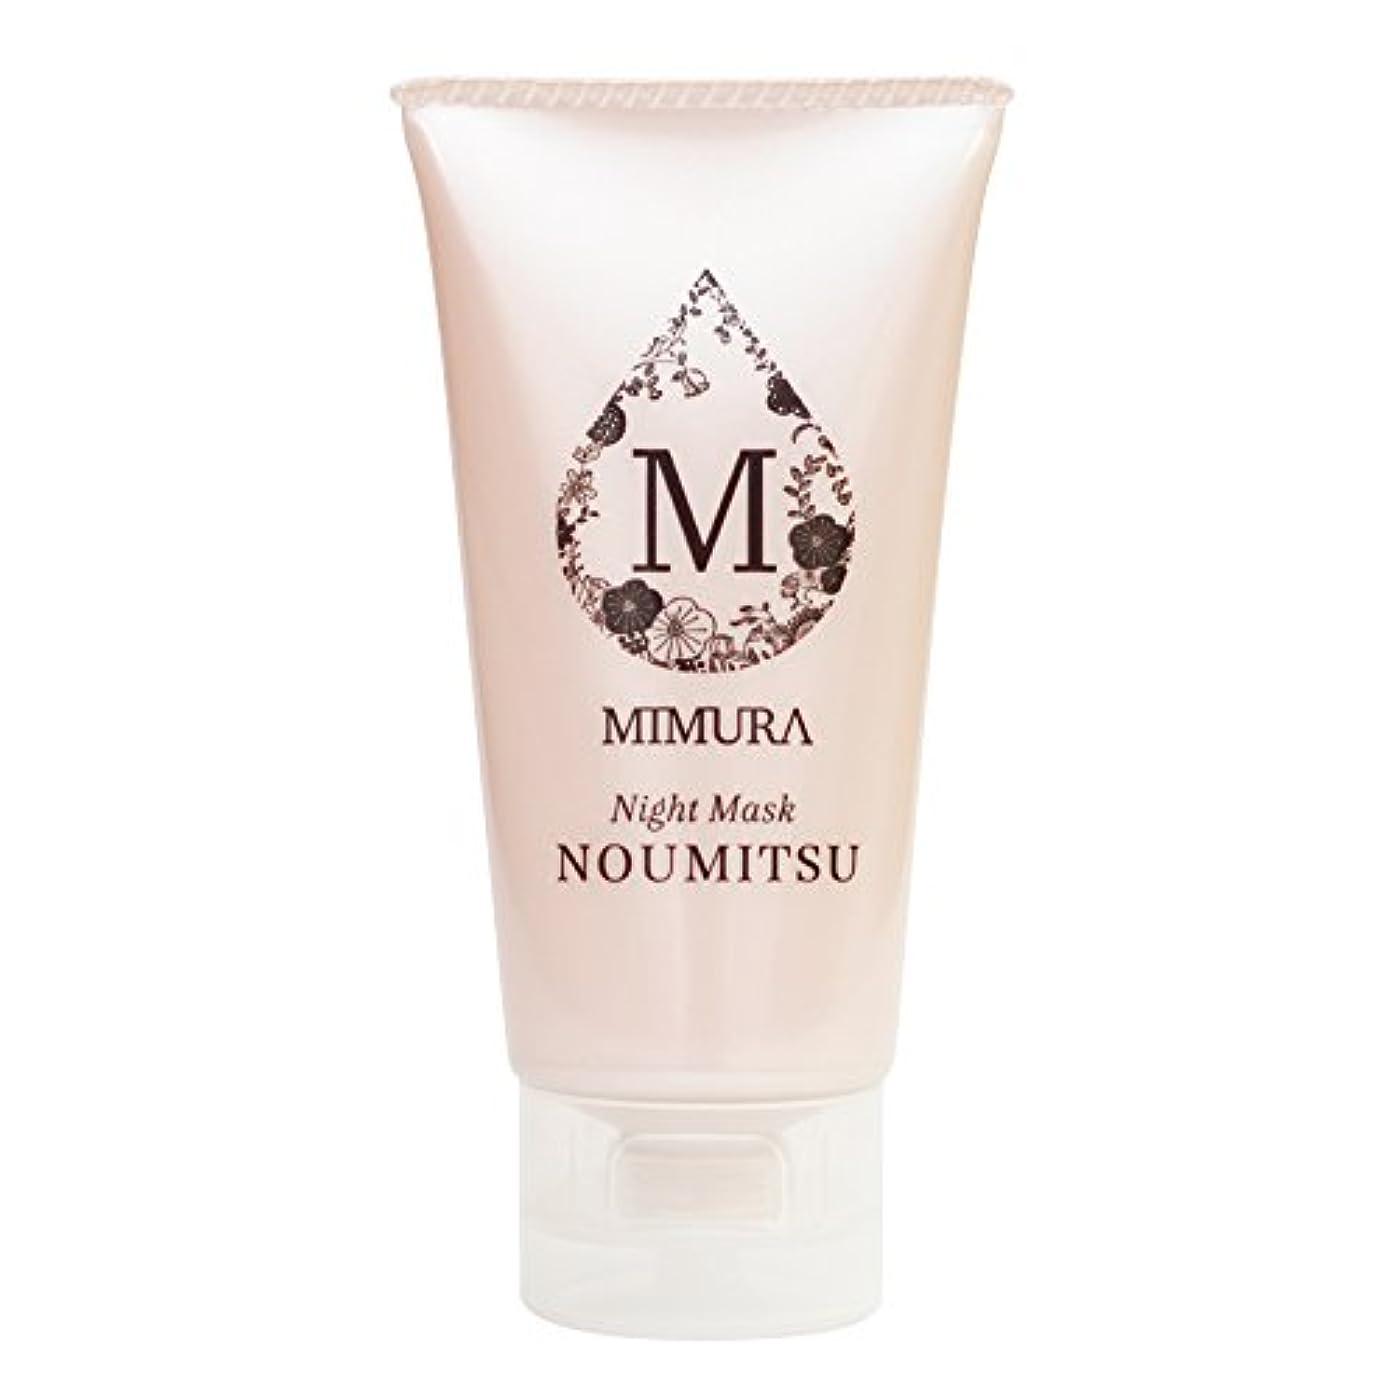 贅沢エゴイズムダム保湿乳液 クリーム 顔 用 ミムラ ナイトマスク NOUMITSU 48g MIMURA 乾燥肌 日本製